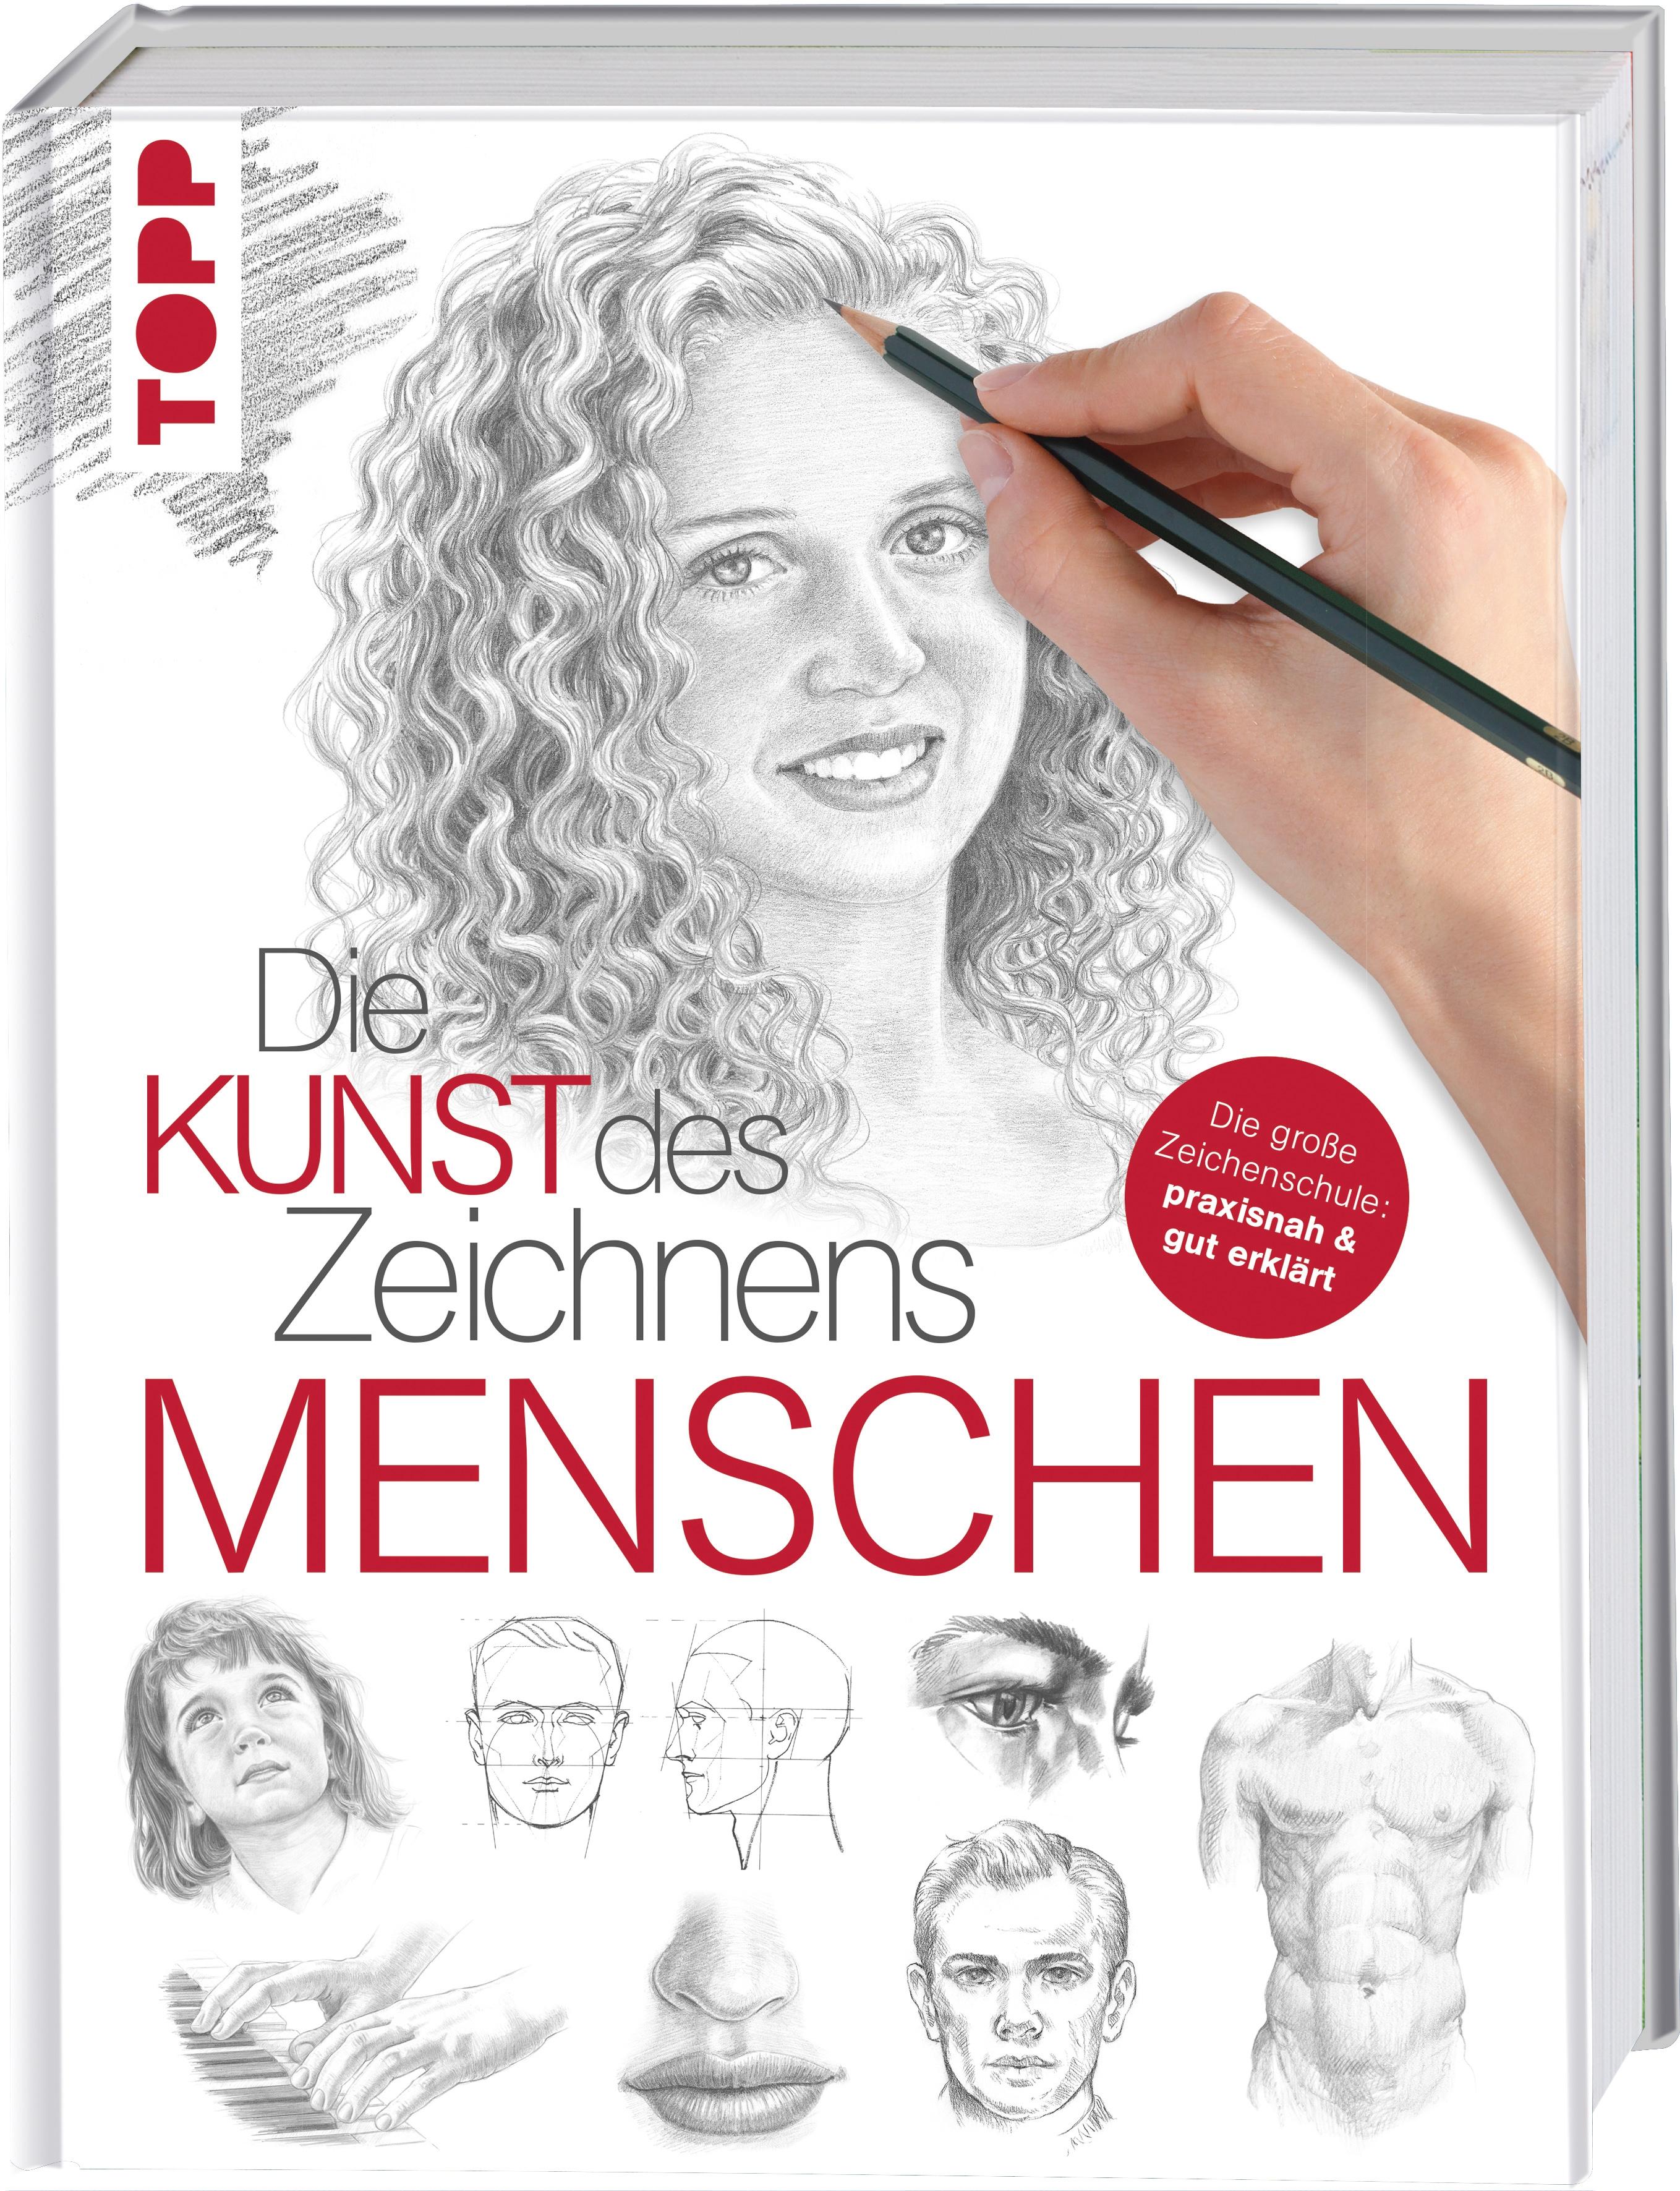 billigermalen | Die Kunst des Zeichnens - Menschen Walter Foster ...